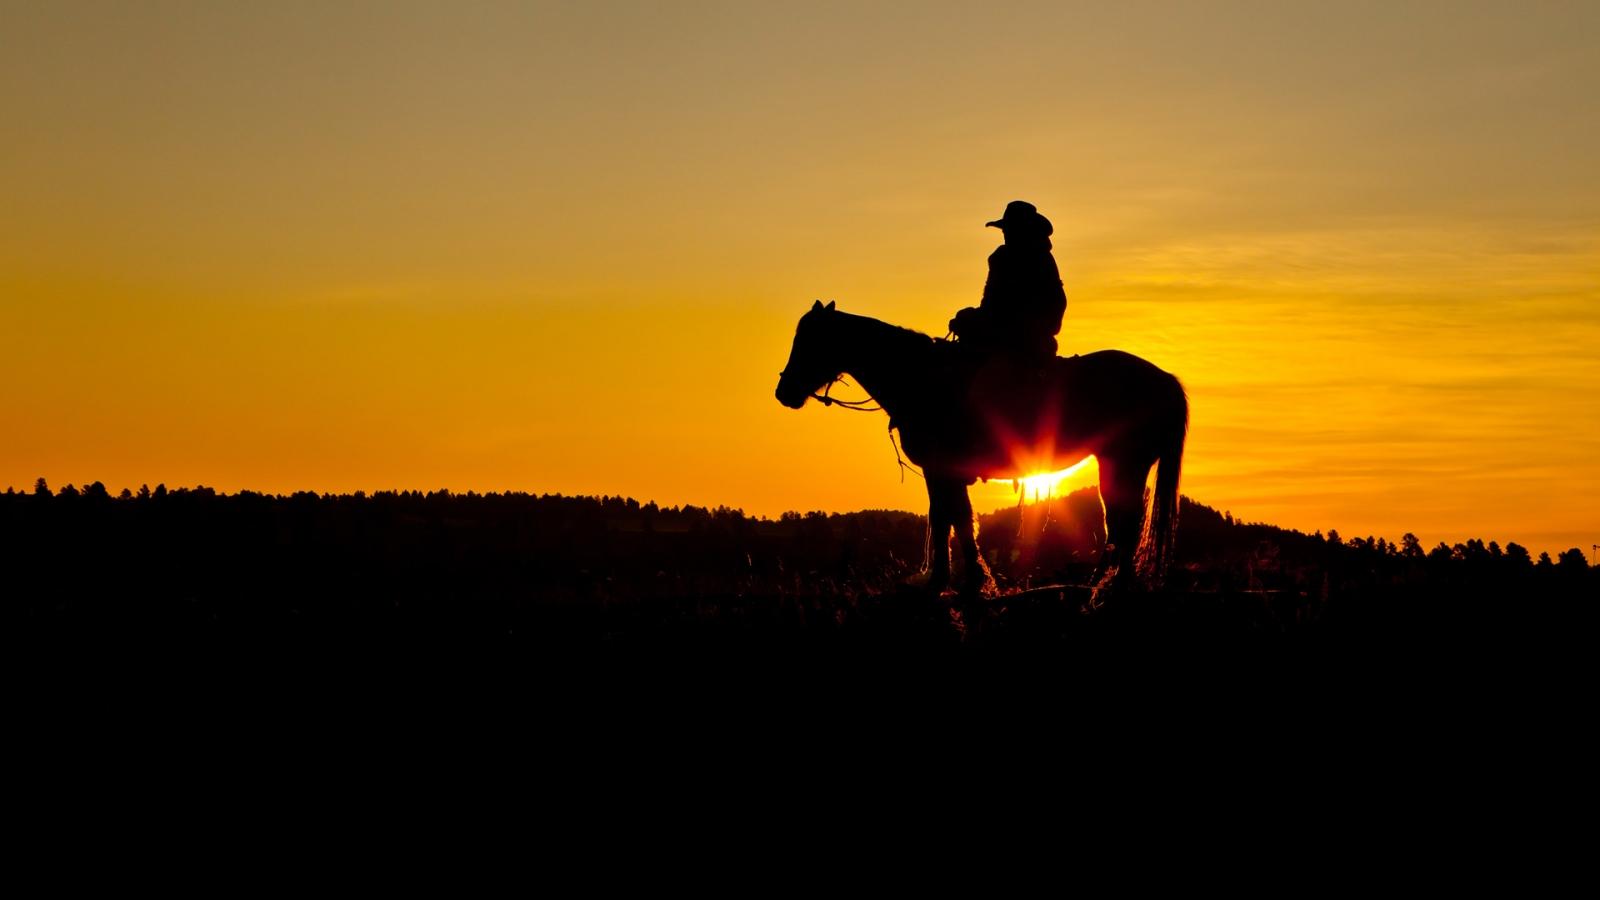 6 excellent hd cowboy wallpapers - Cowboy wallpaper hd ...